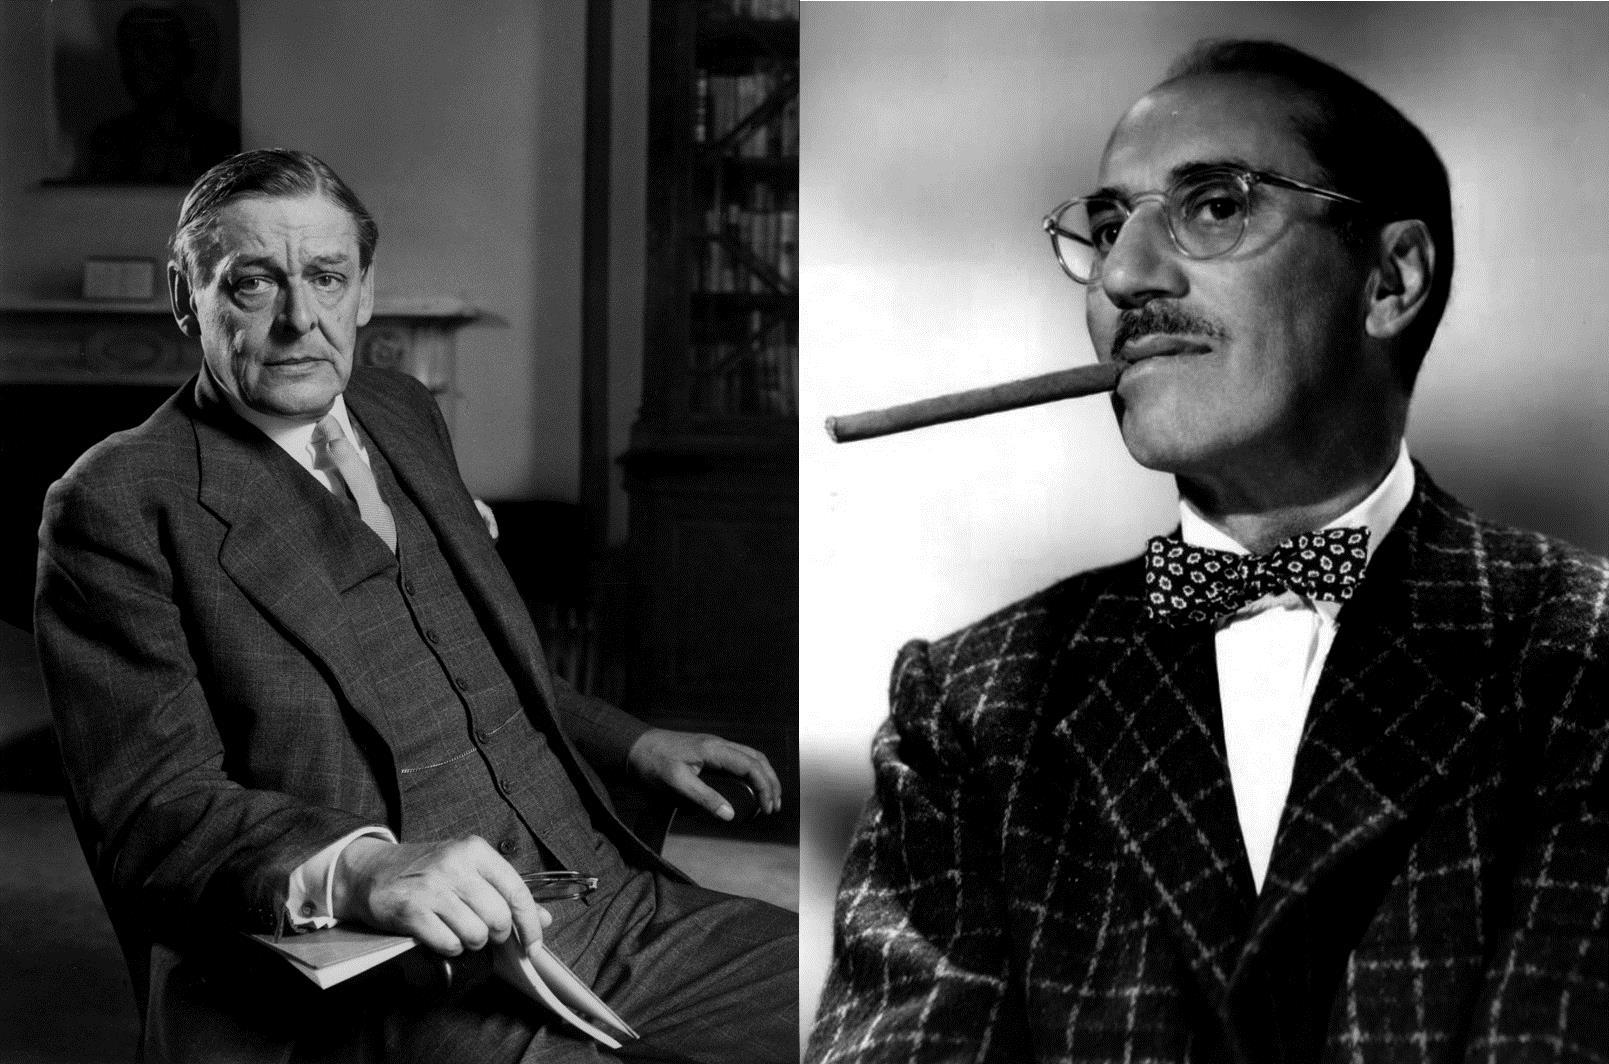 PÚBLICO - Groucho Marx, T.S. Eliot, uma dúzia de cartas e um gato castrado